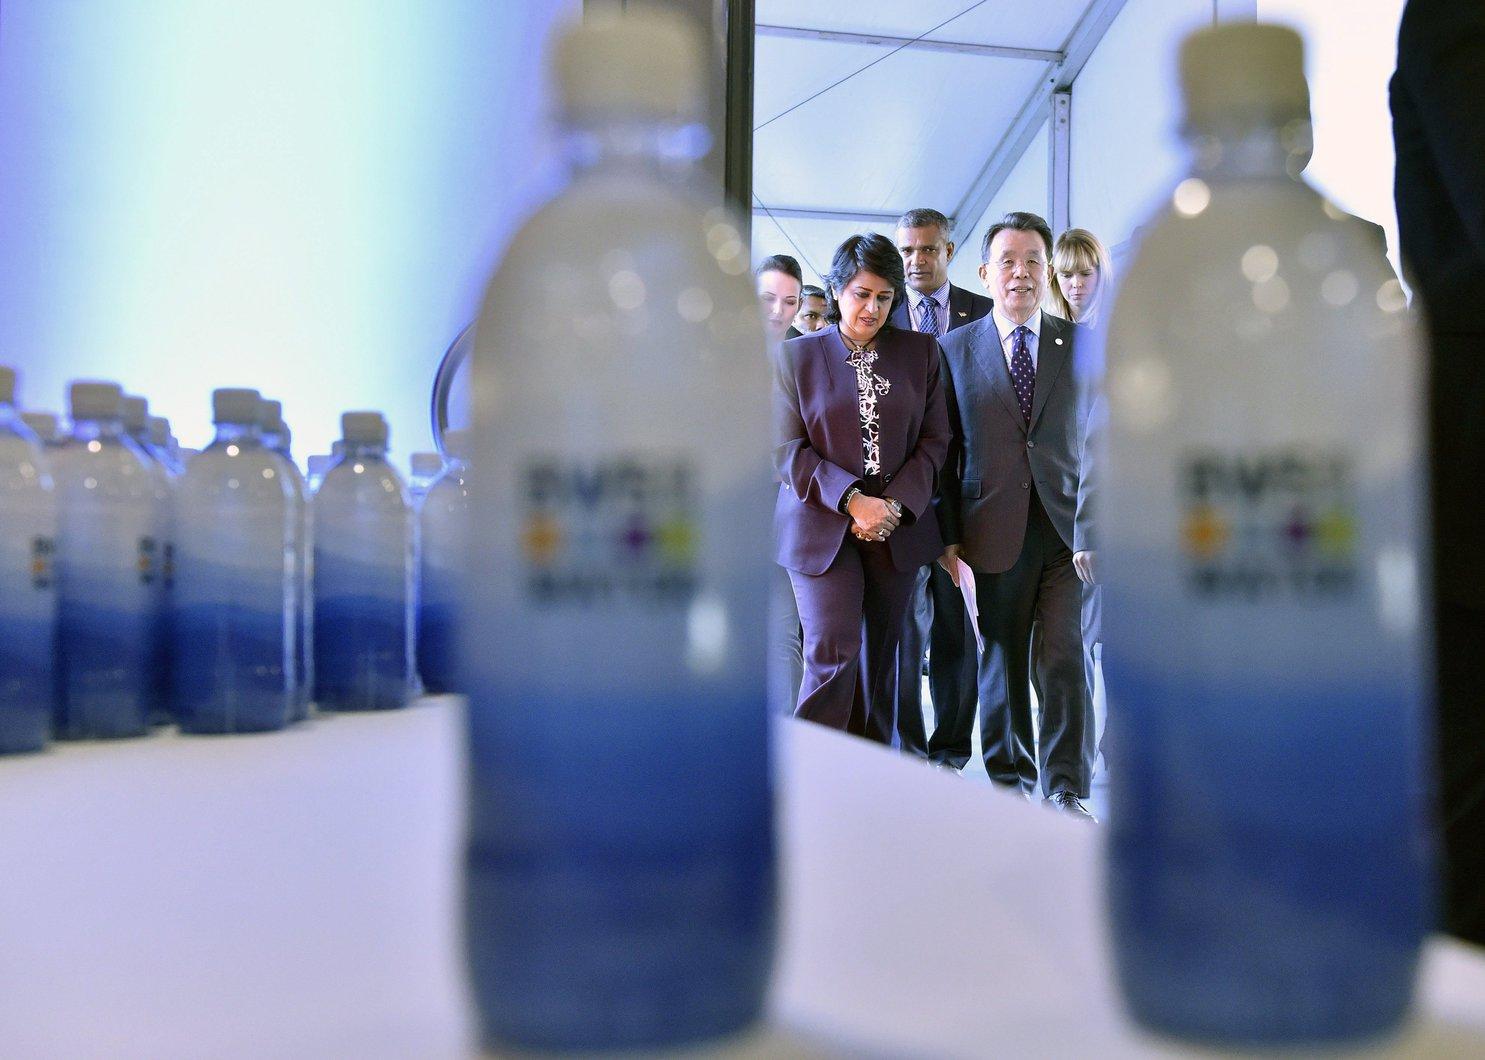 Palackozott vizünk a Budapesti Víz Világtalálkozón